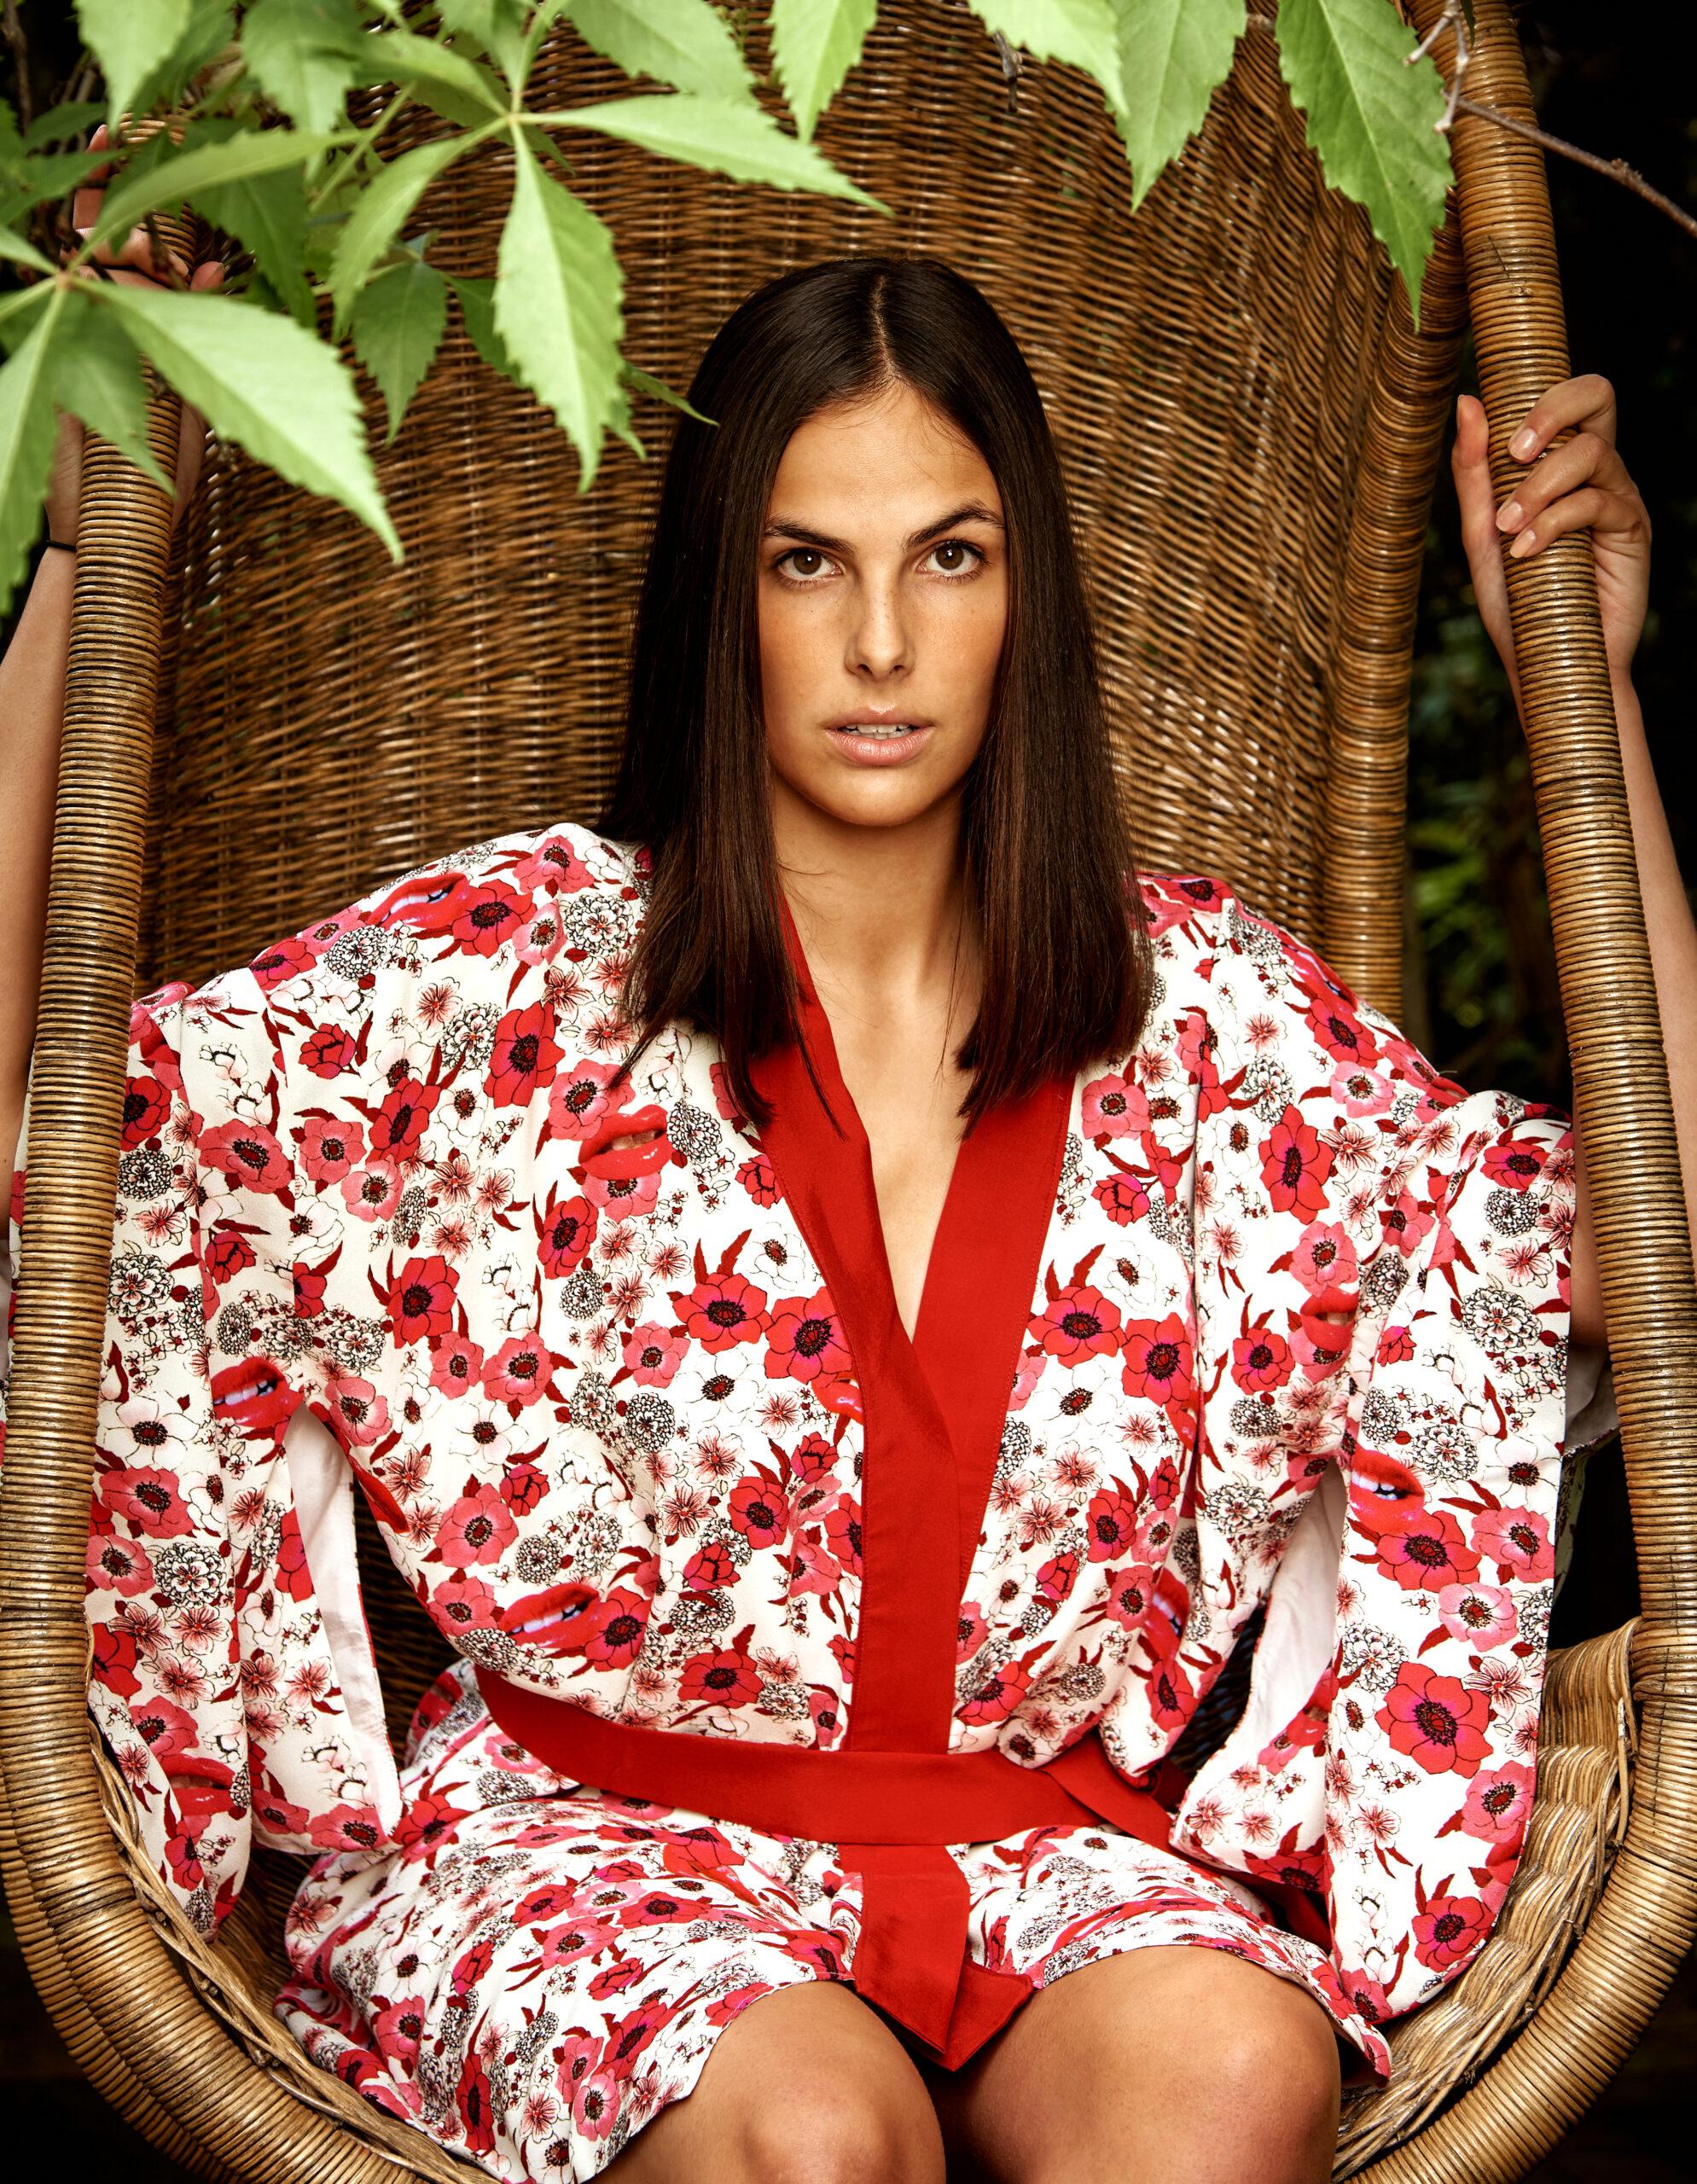 Kimono RedLipsClose